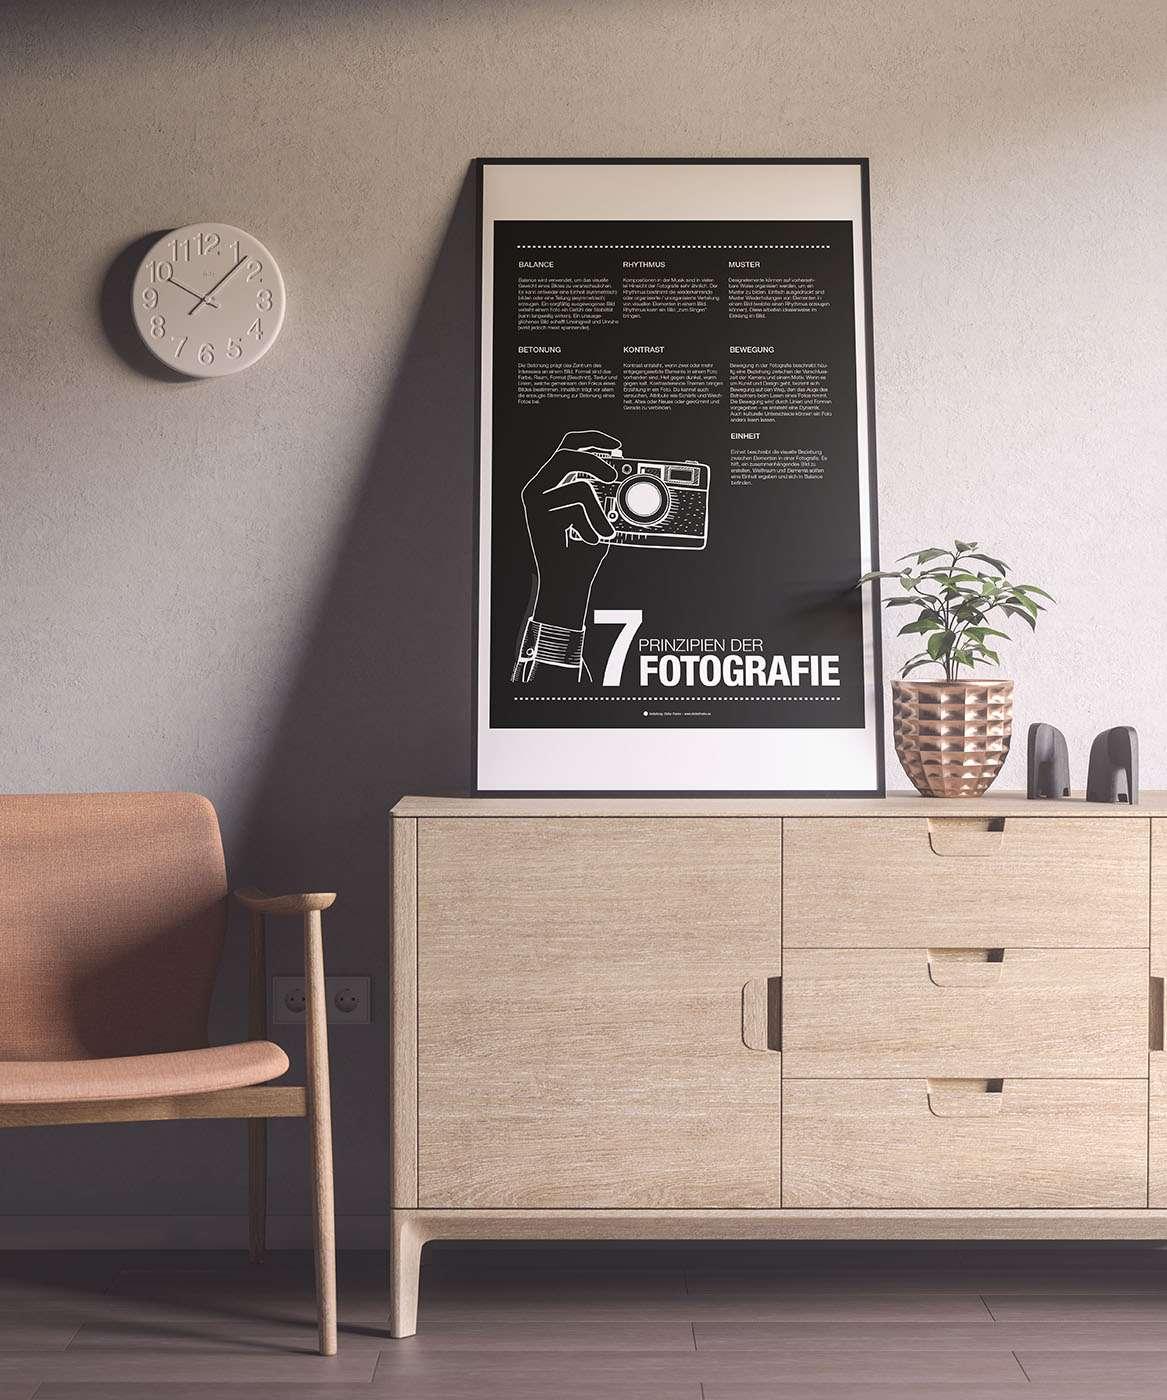 Plakat Fotografie Wandgestaltung 4